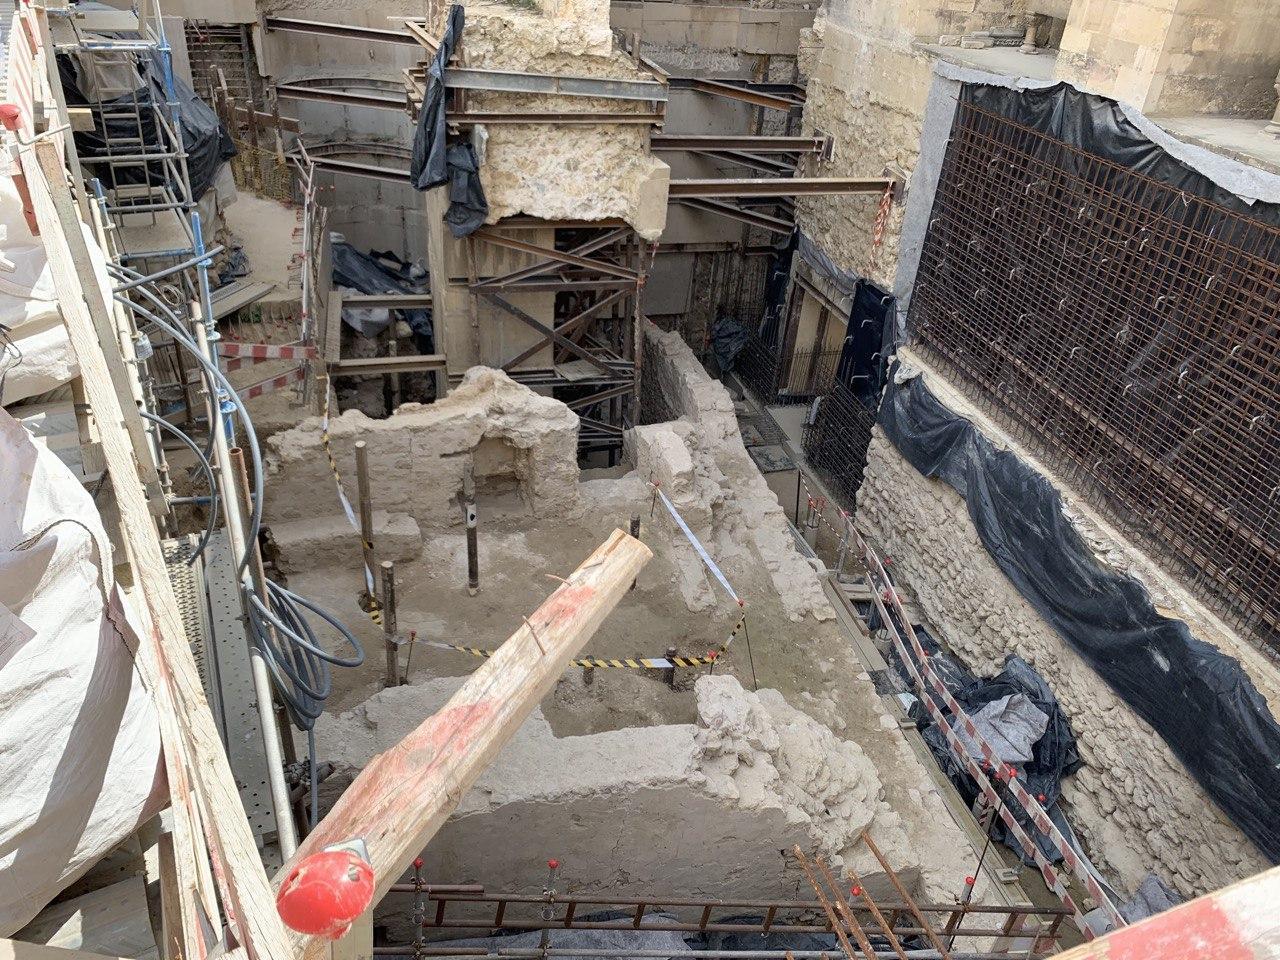 Secção da base do minarete da mesquita, sala de banhos e muralha que seria destruída pelo projeto de salvaguarda da DGPC.